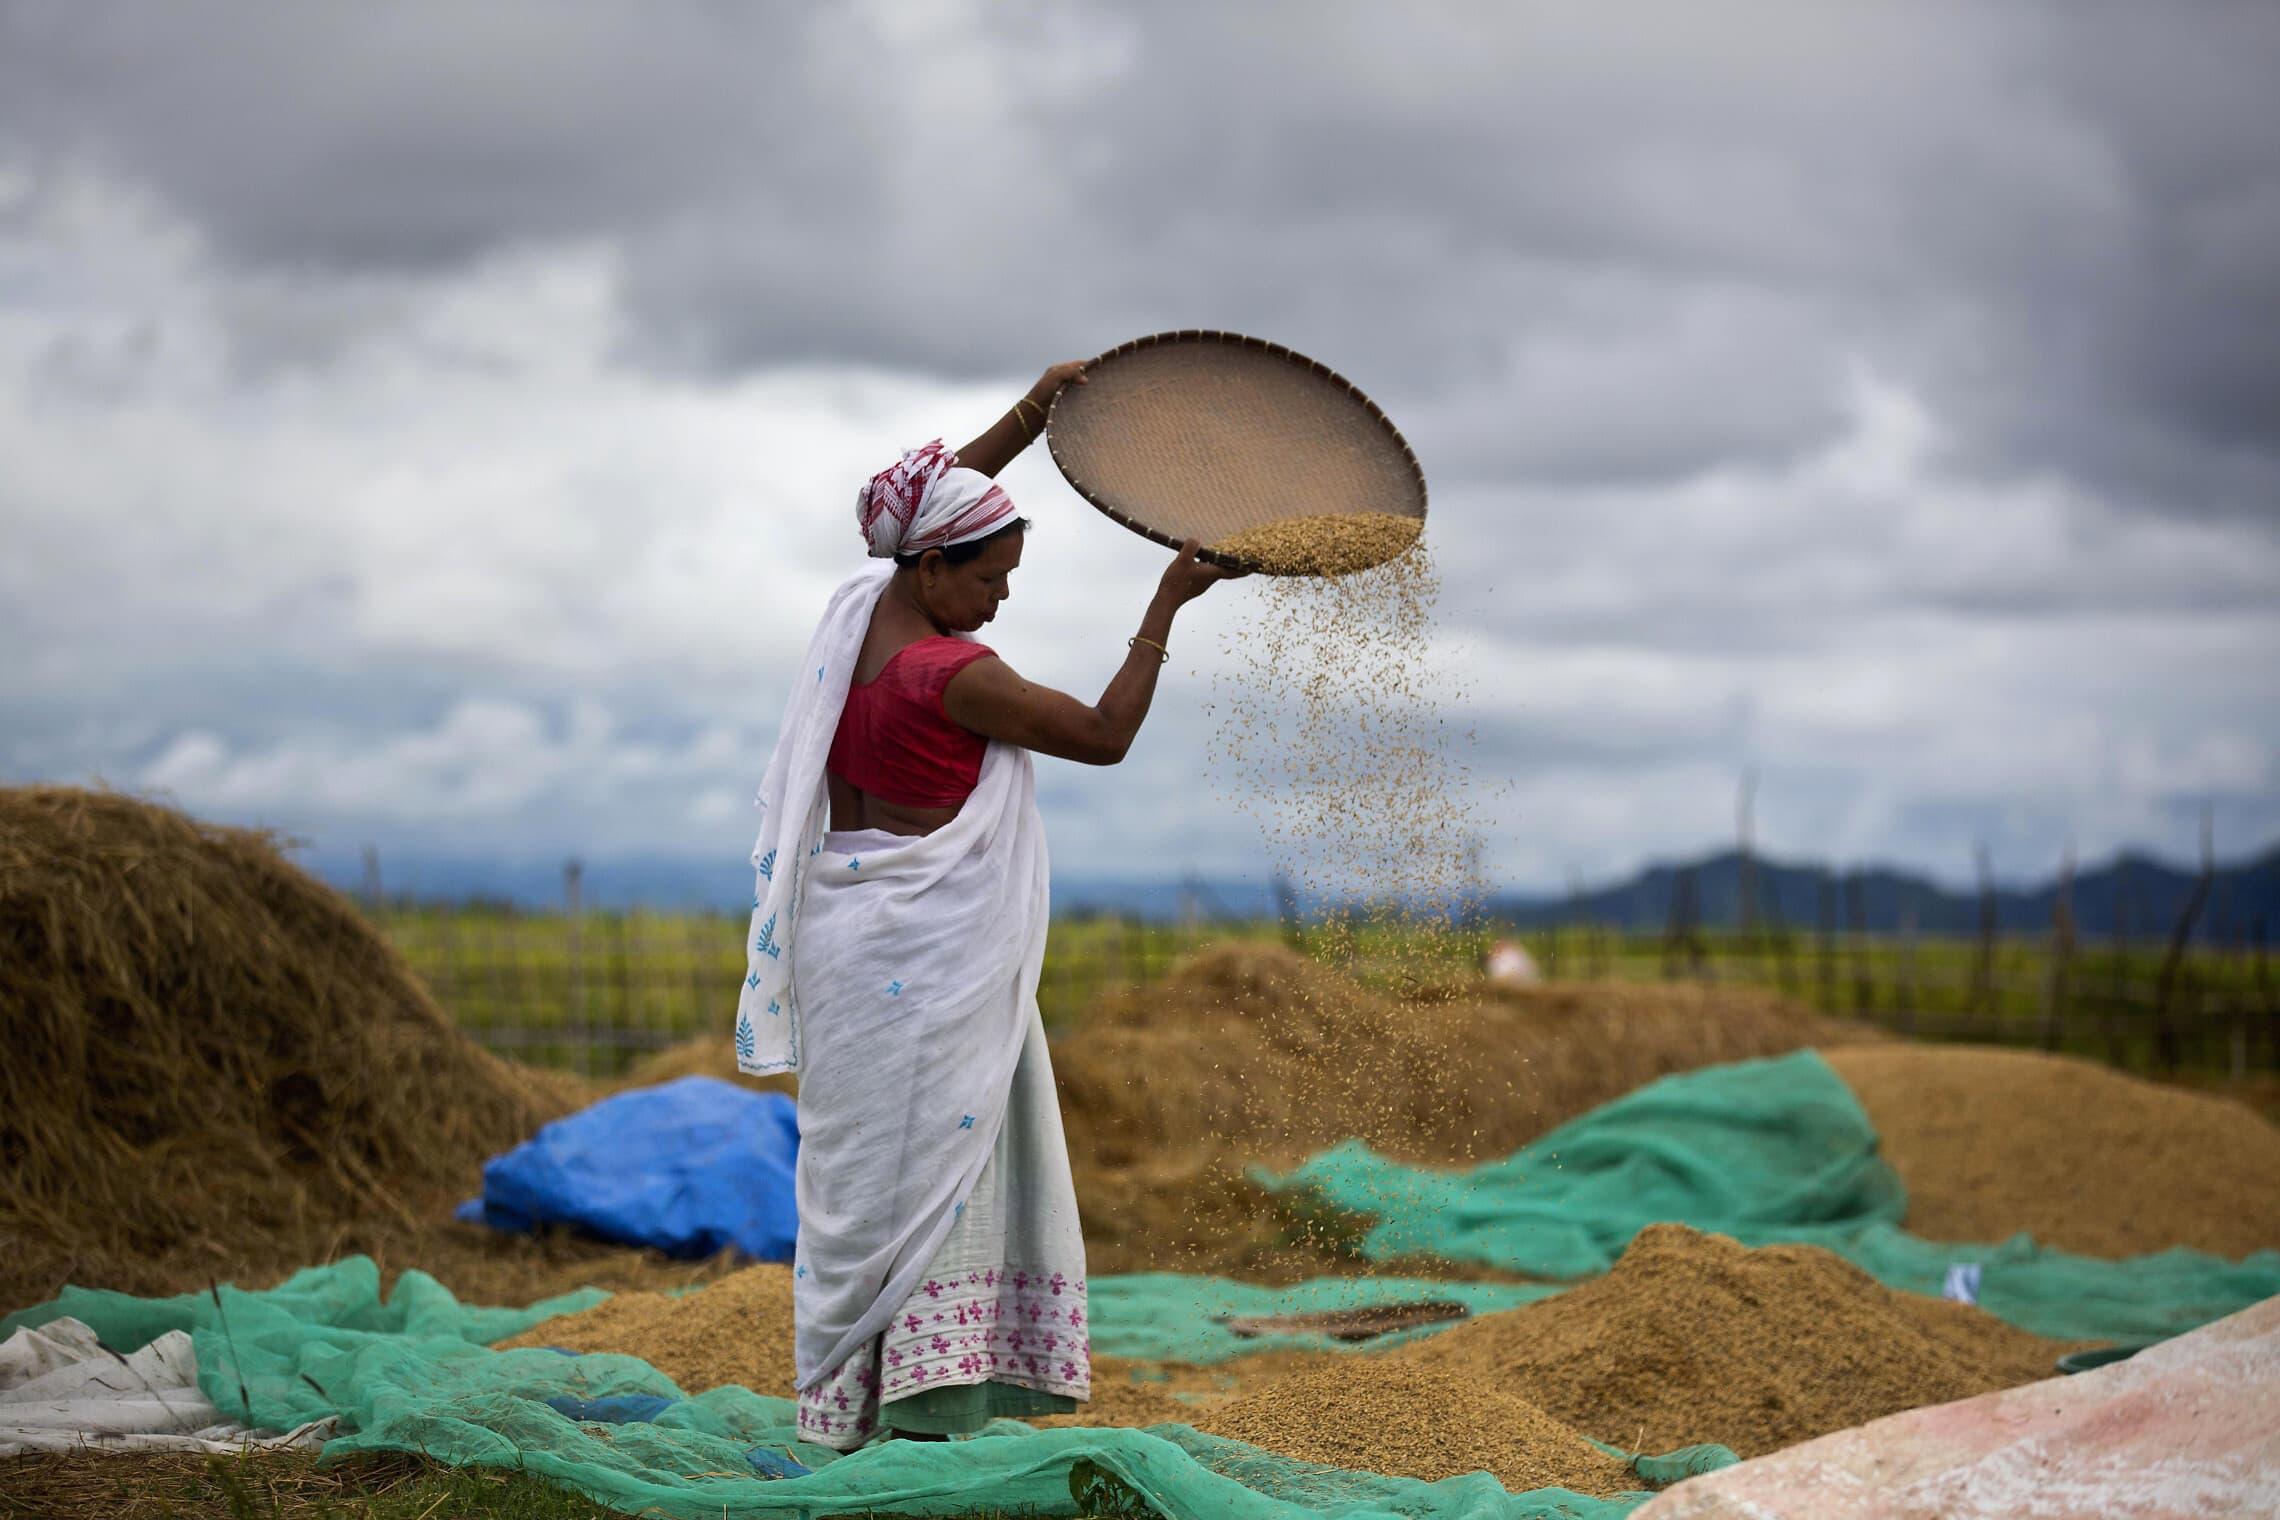 אישה העוסקת בחקלאות בהודו (צילום: AP Photo/Anupam Nath)